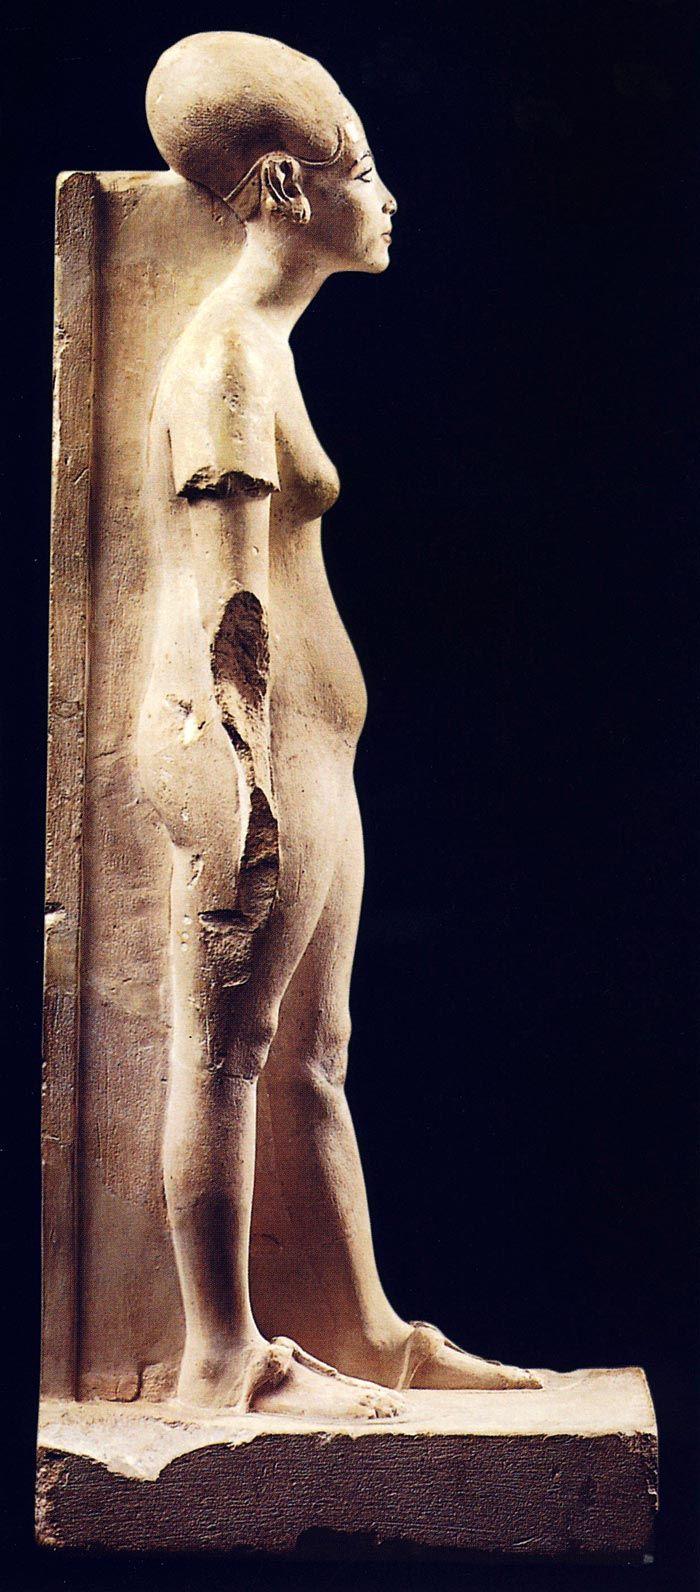 La obra muestra a la reina de pie, con el pie izquierdo avanzado y con los brazos relajados y cayendo a cada lado del cuerpo, aunque el derecho no se conserva debido a una fractura. La escultura integra una pilastra dorsal y una base que proporciona estabilidad, sin que exista ninguna inscripción en ninguna de las superficies. En realidad lo único que permite identificar a la mujer representada como Nefertiti es la semejanza de sus rasgos y atuendo con otras representaciones de la reina.